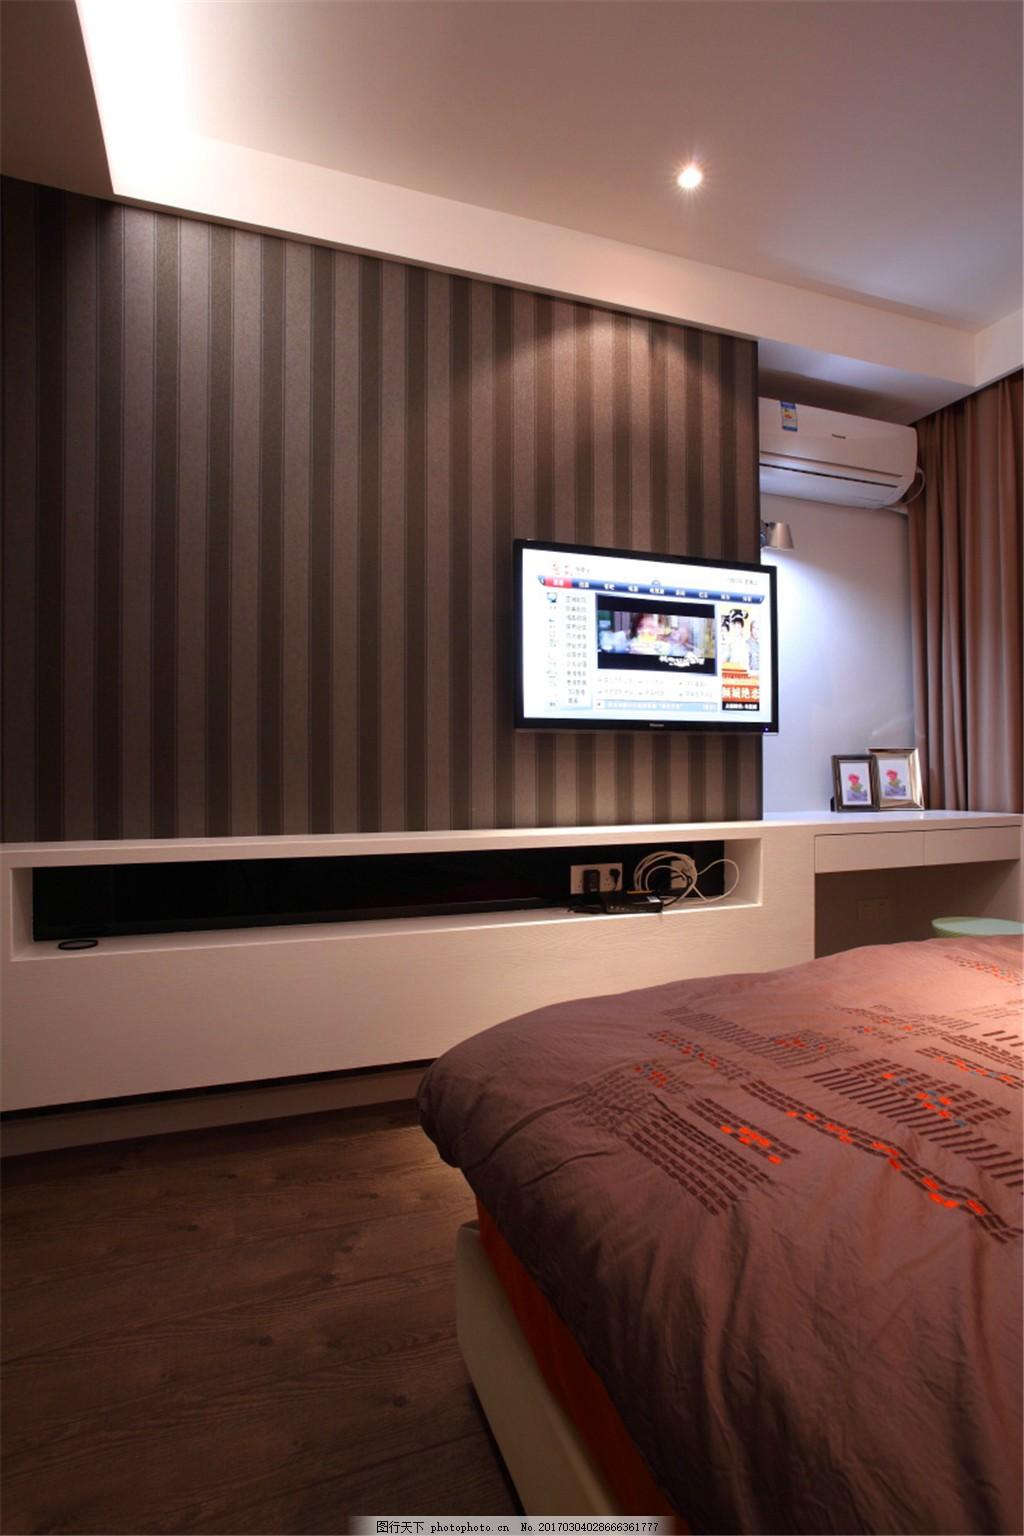 中式卧室装修效果图 家装效果图 客房 客厅效果图 空调 奢华 时尚